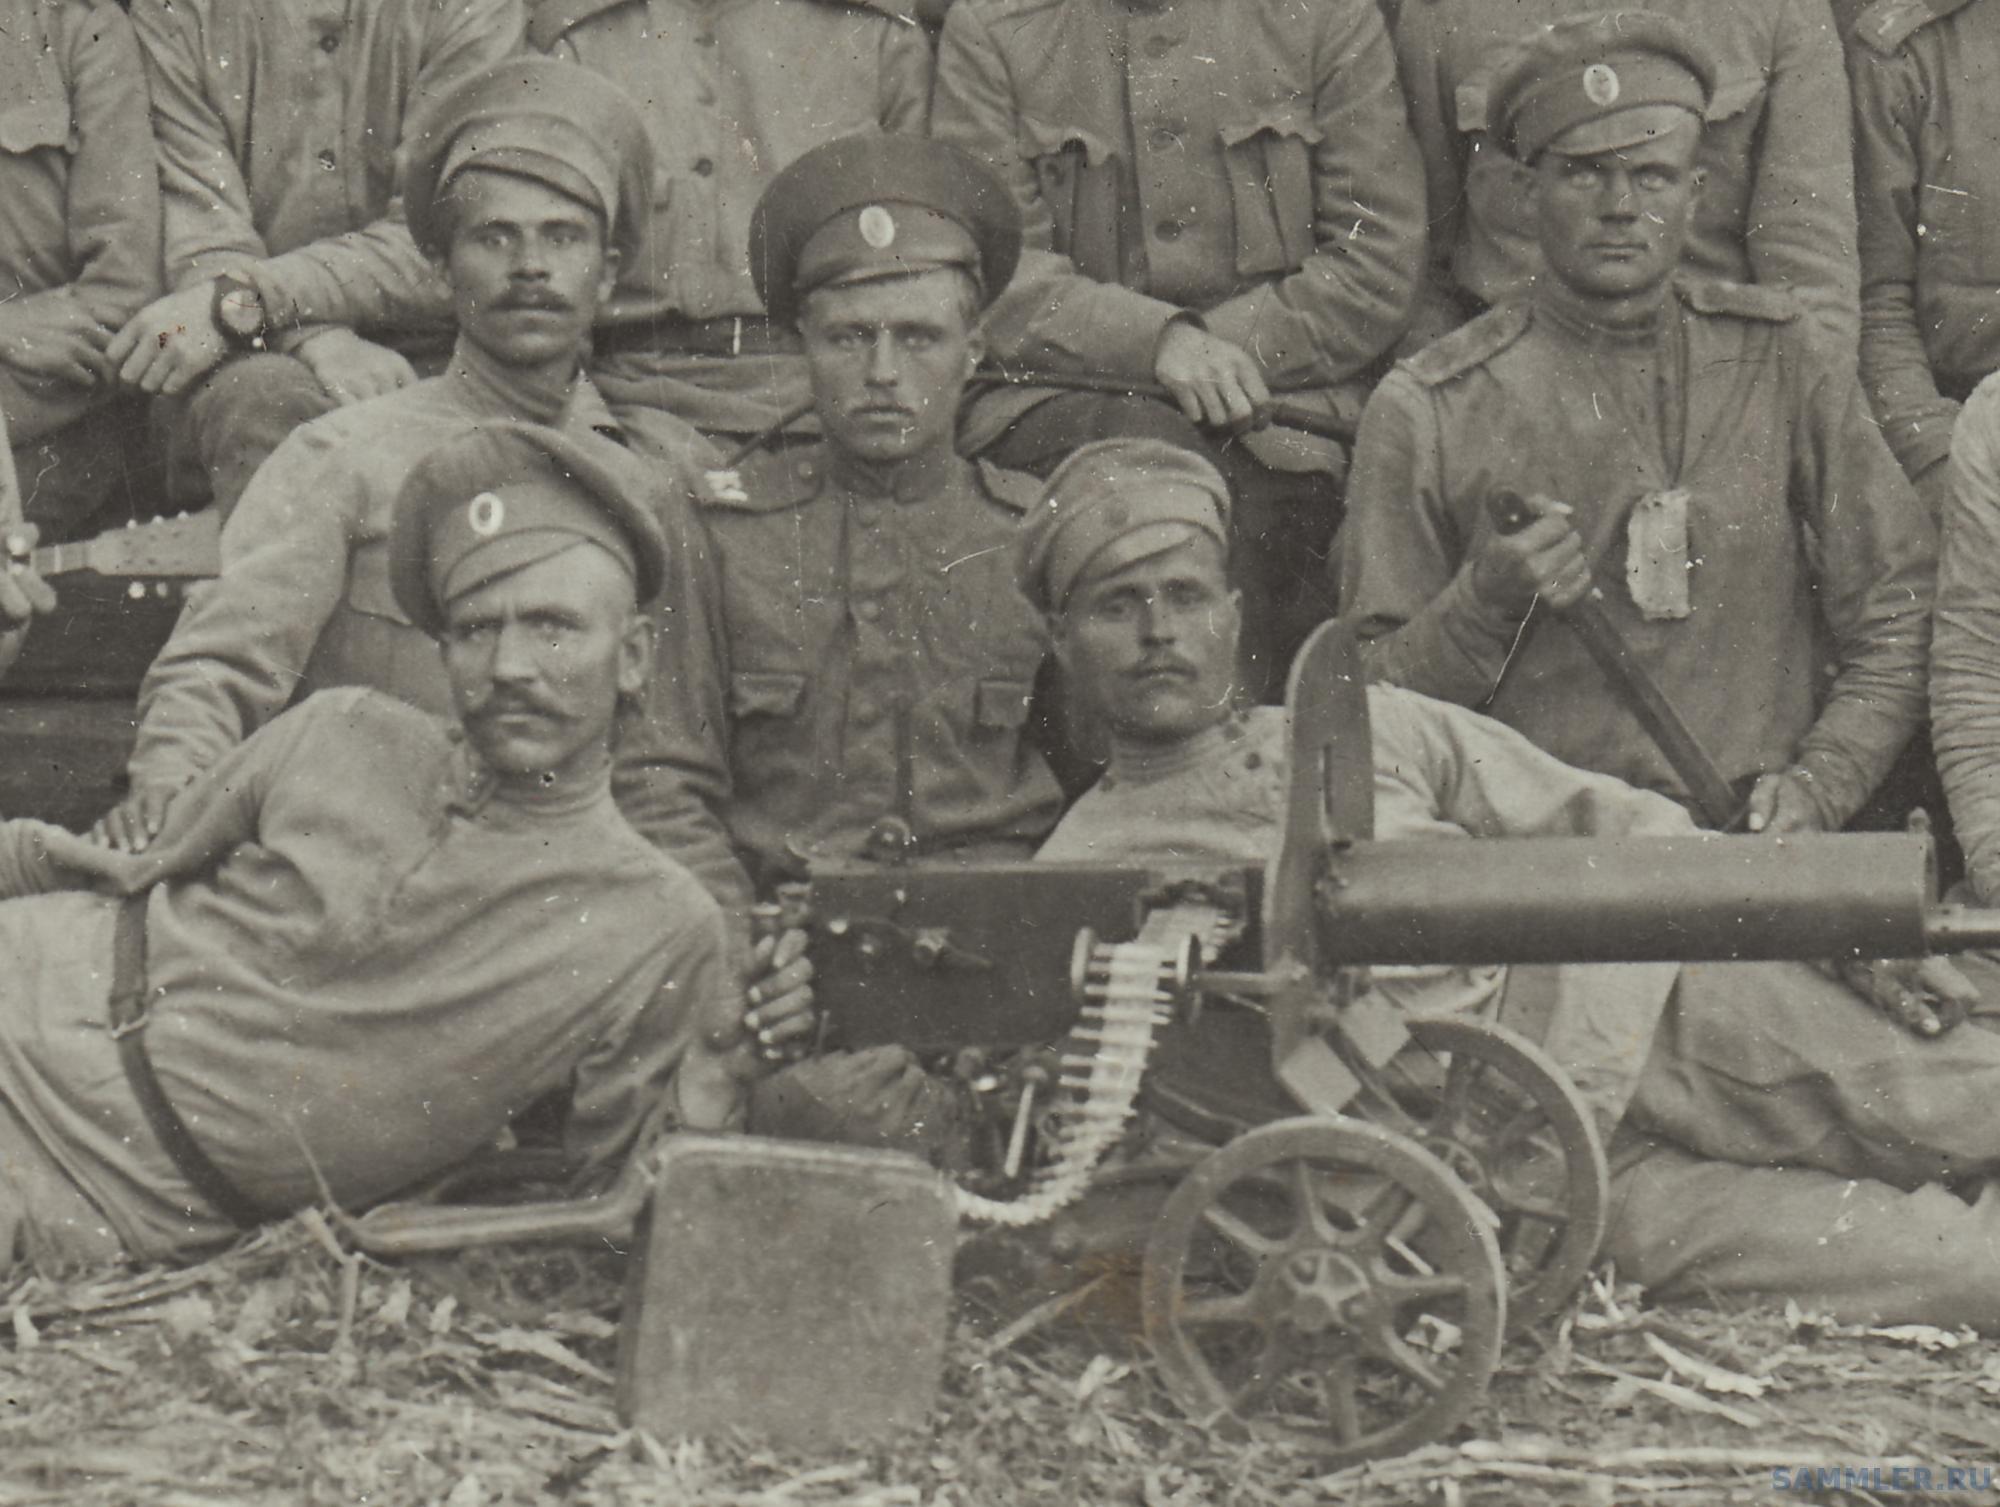 164-й пех Закатальский полк 4.1 3.jpg